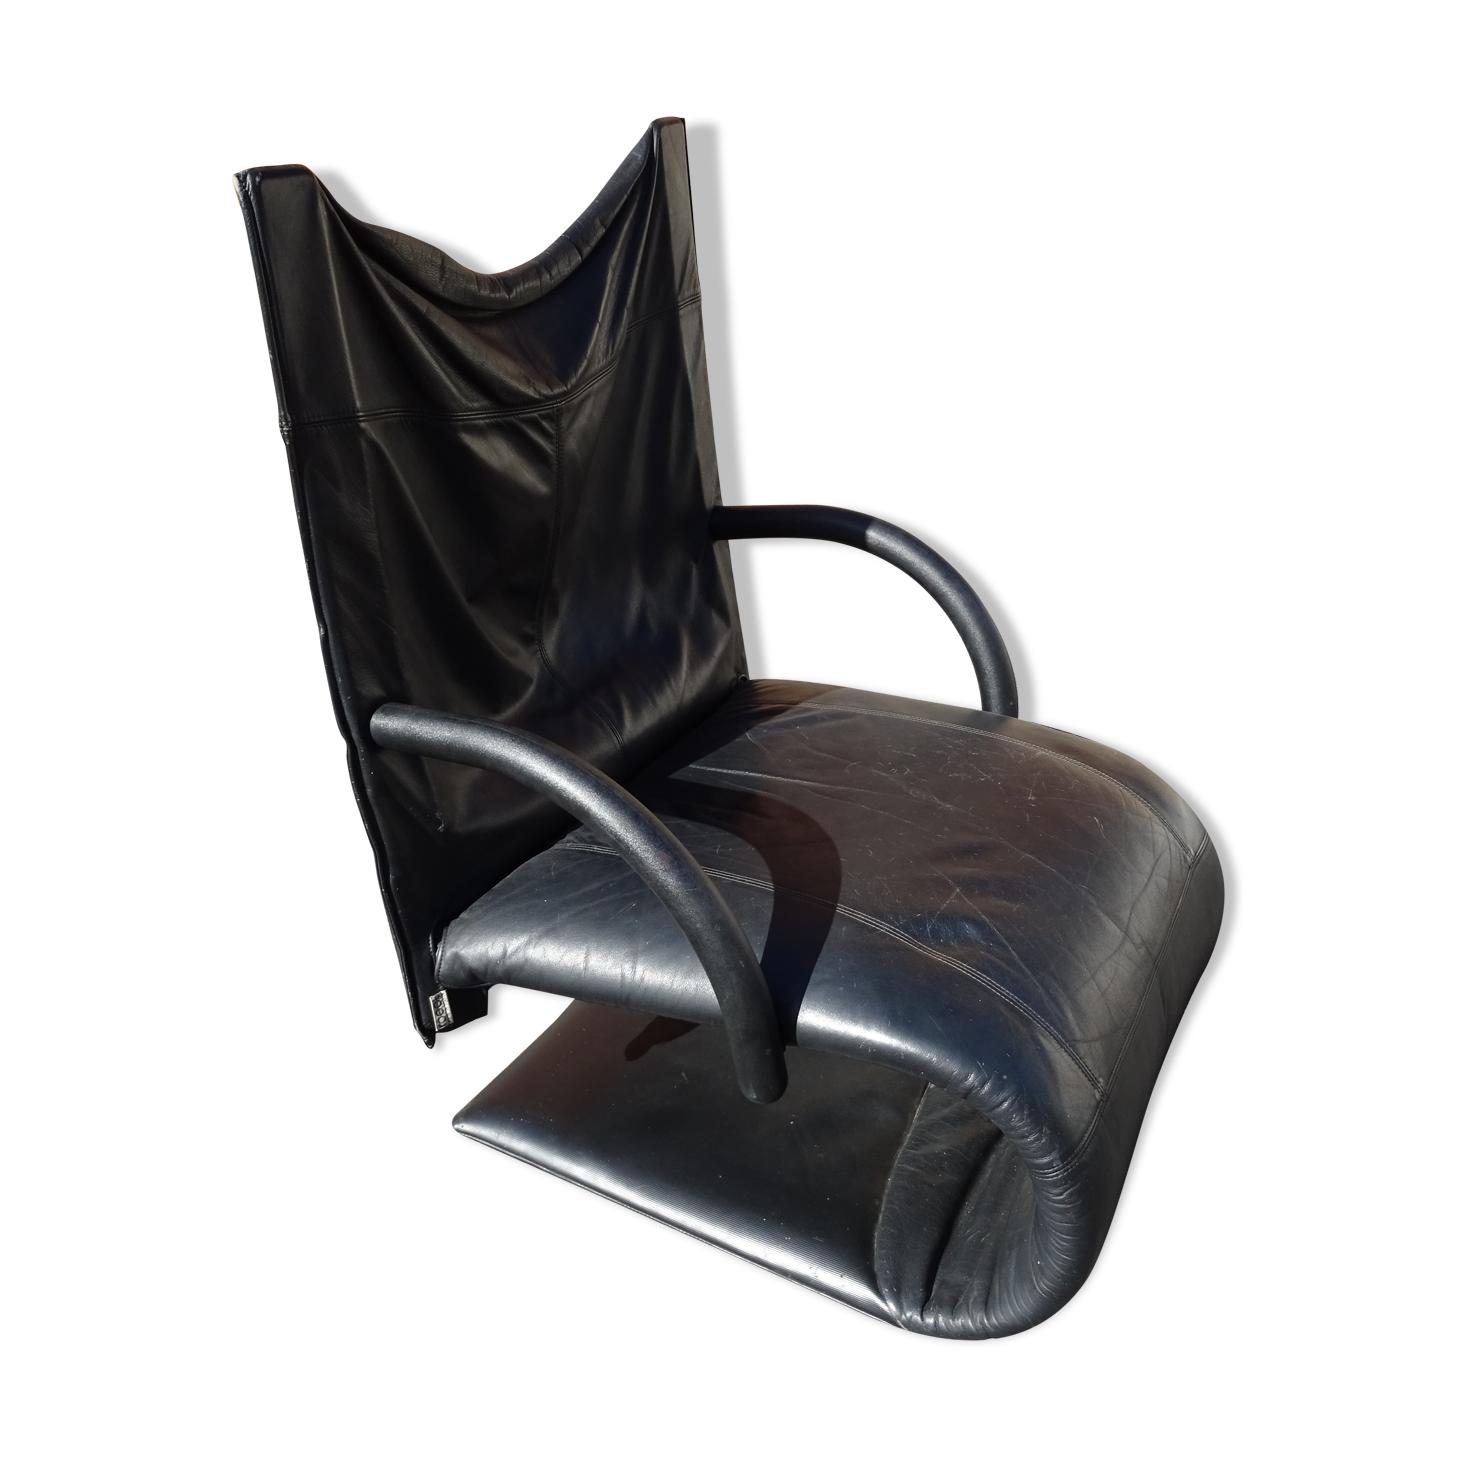 Fauteuil cuir modèle Zen Claude Brisson Ligne Roset an 80